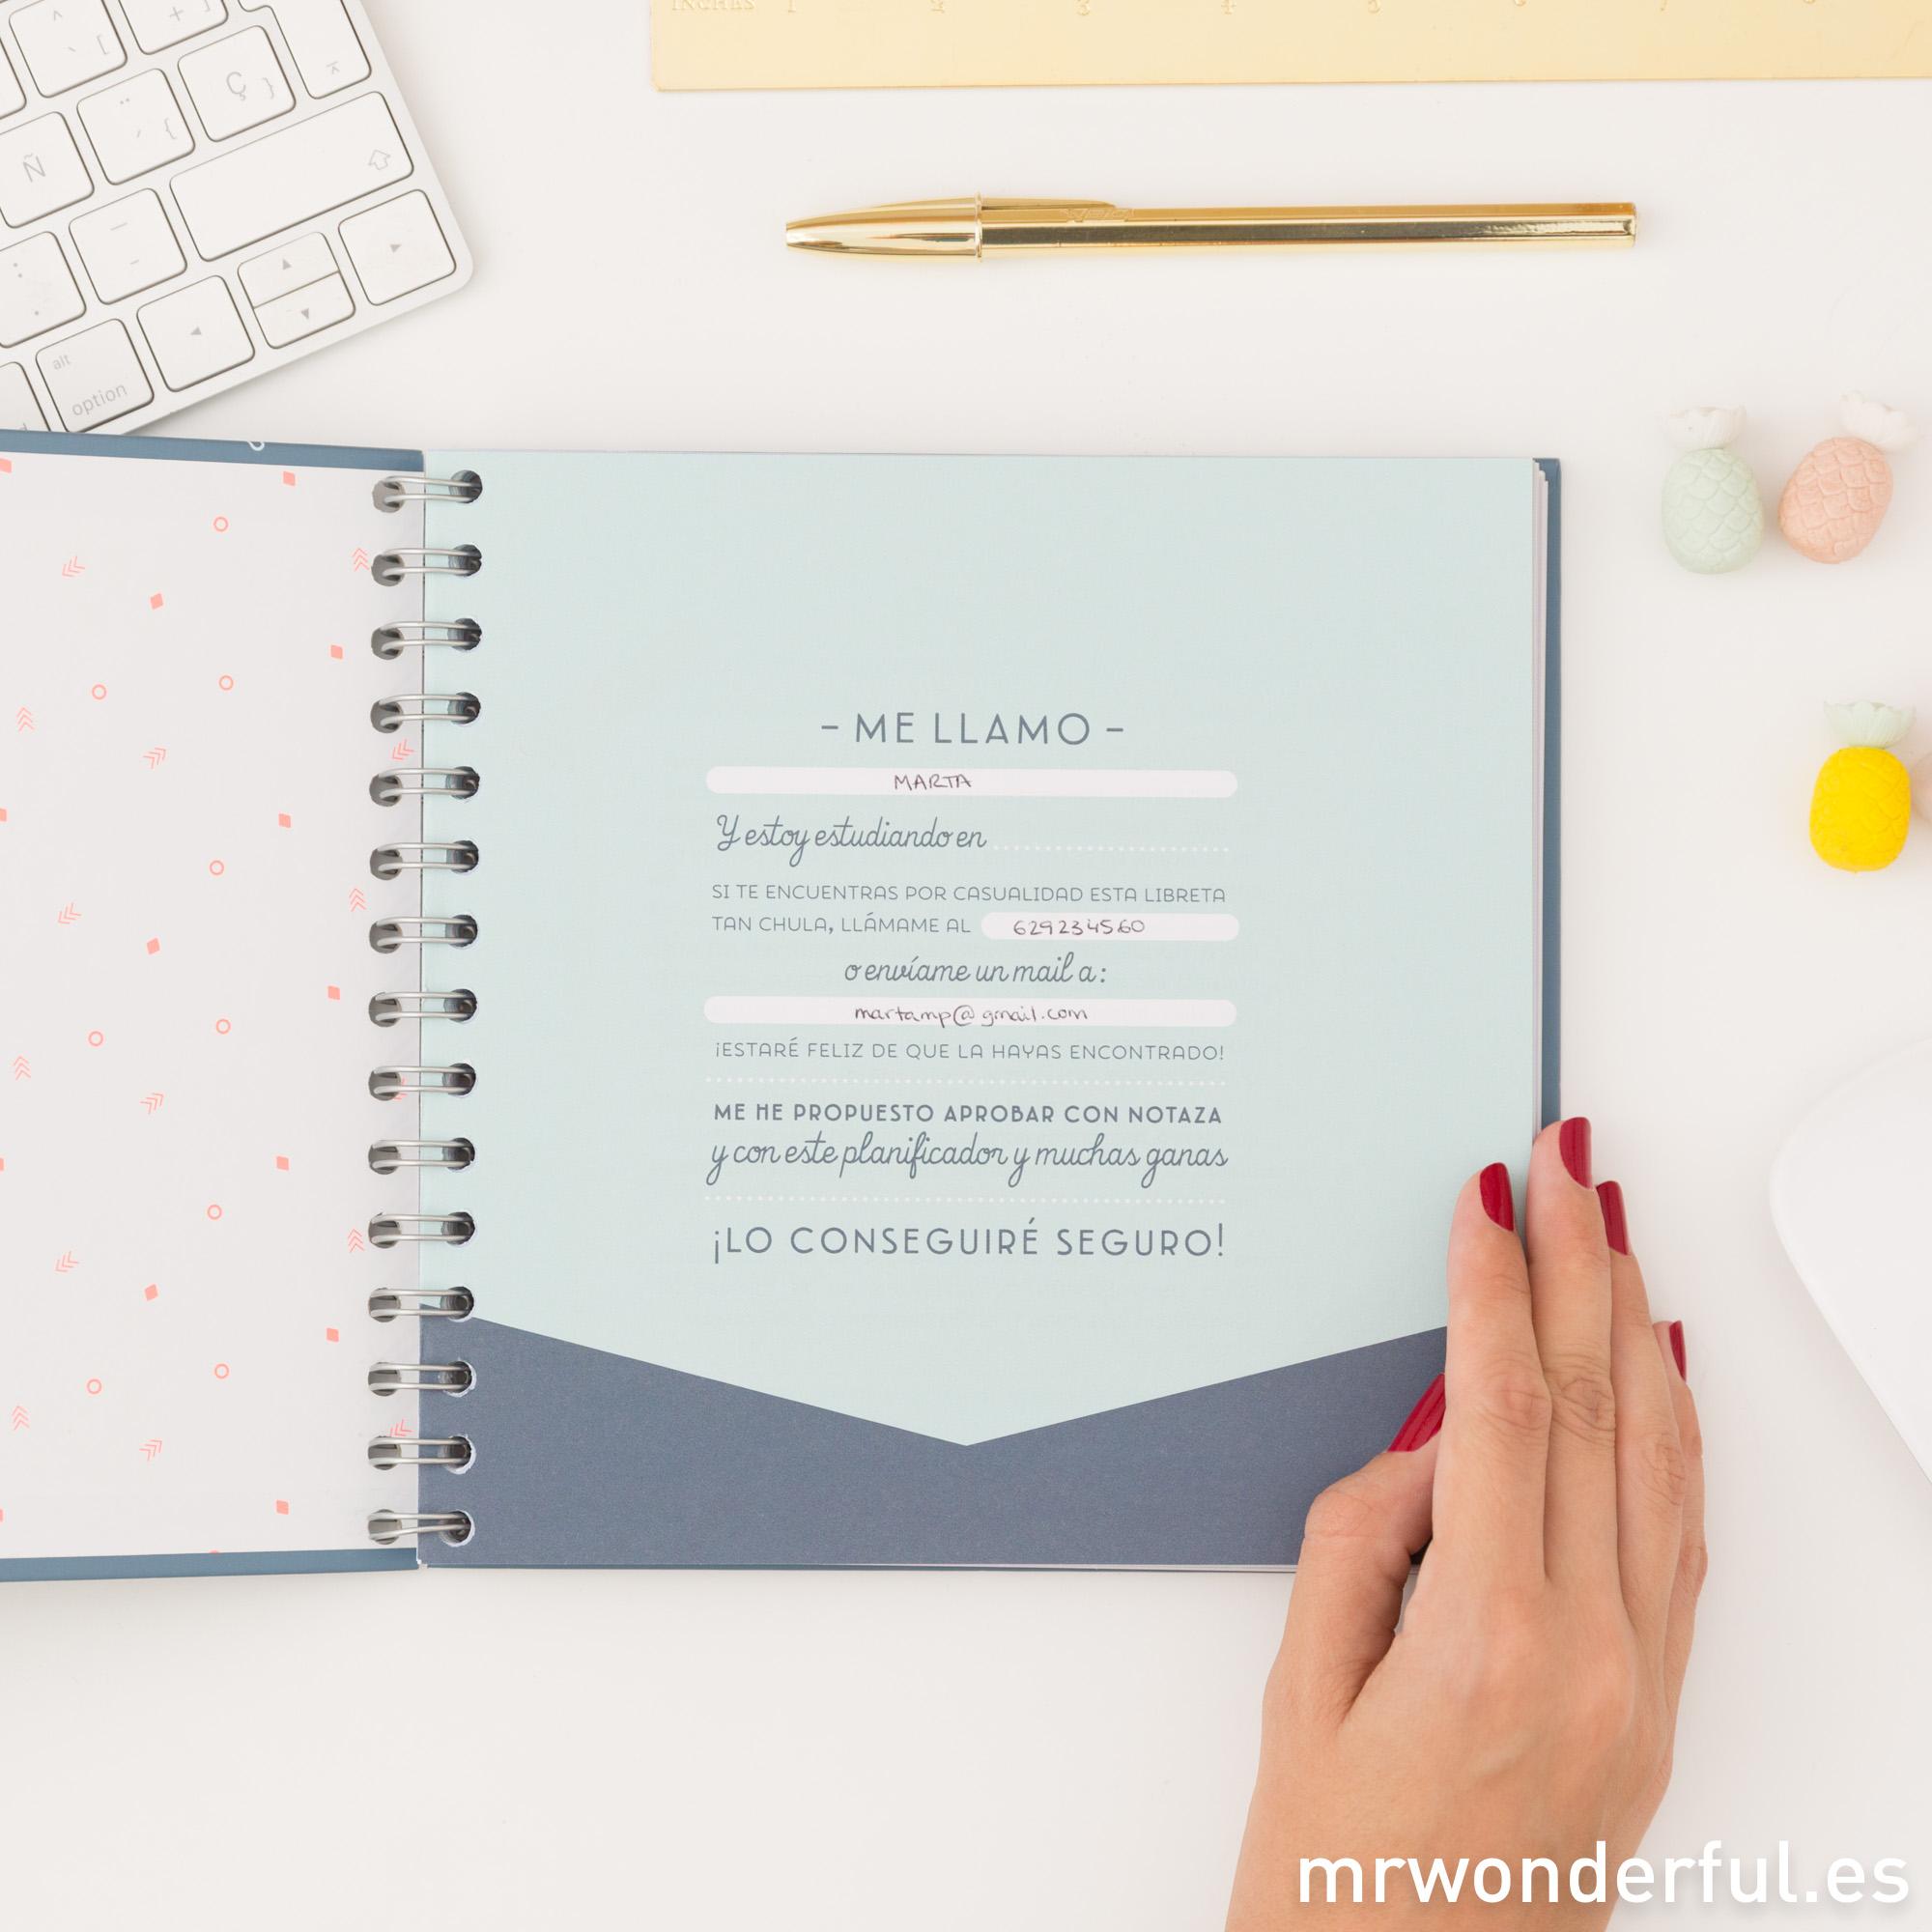 Artículos de papelería de Mr.Wonderful perfectos para estudiar